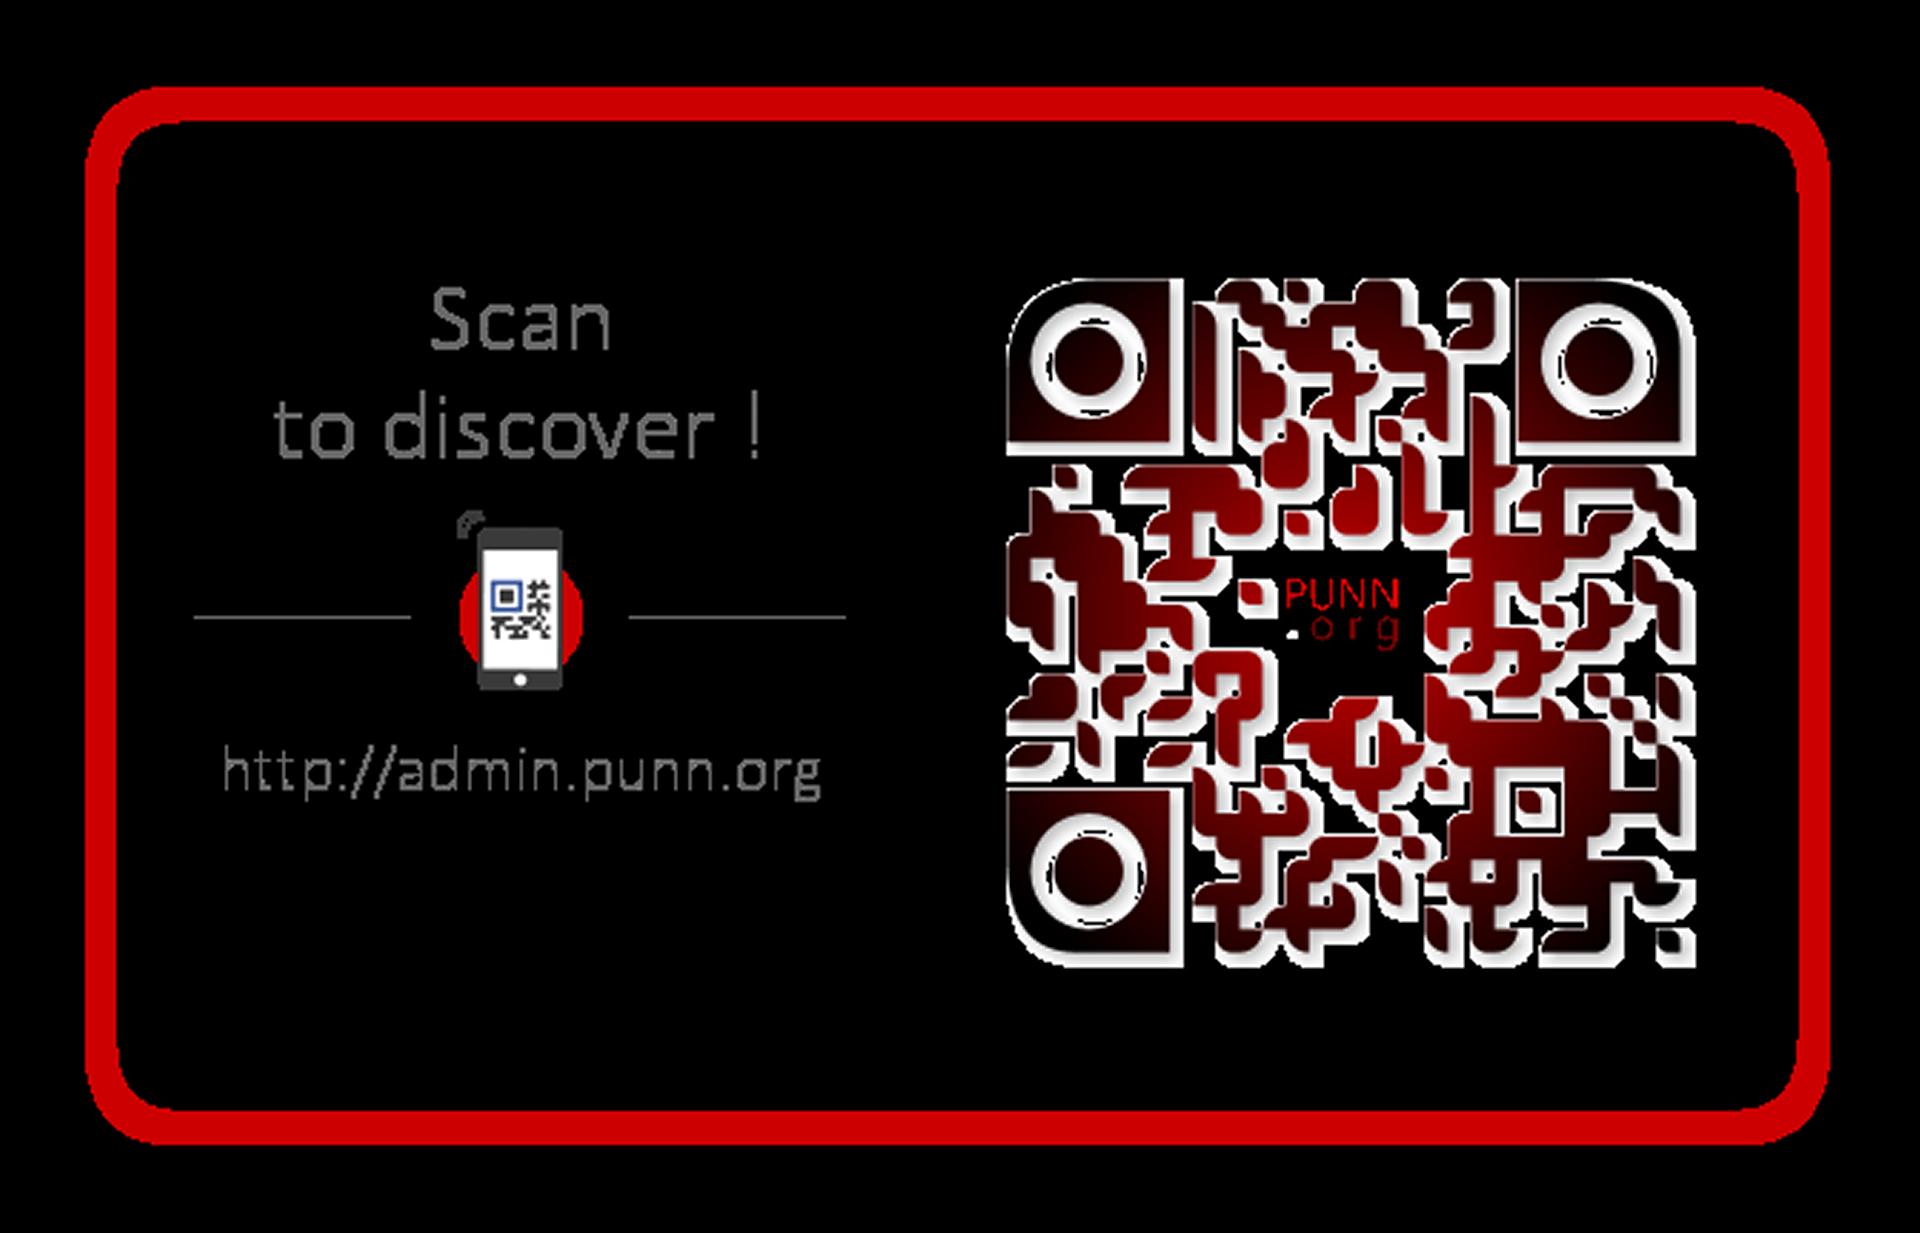 admin-punn-org